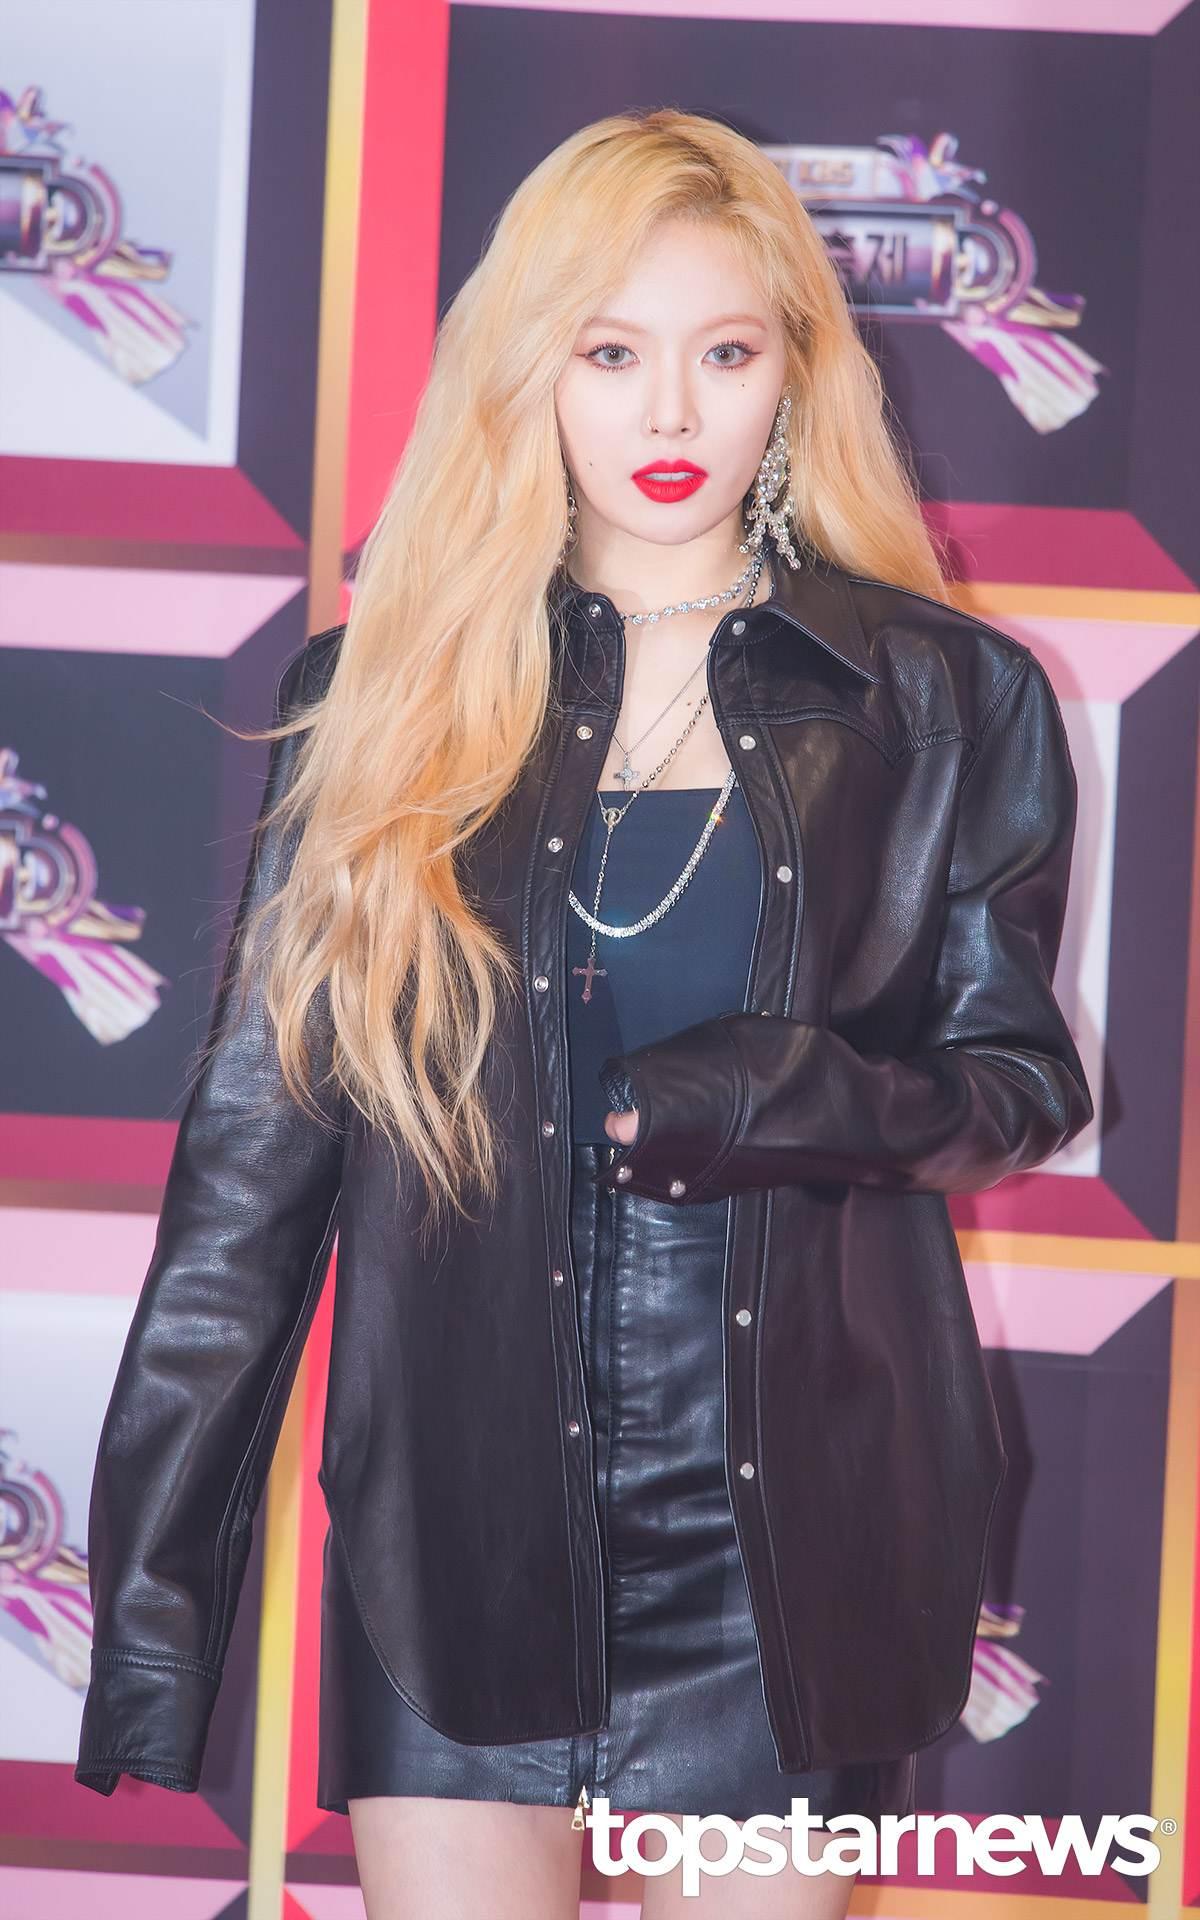 *泫雅 1992年出生 最近的泫雅剛以《Lip & Hip》回歸,大旁分又有點亂的捲髮配合上金色的髮色,風格越來越狂野,但是你記得泫雅剛成年的時候其實走的是可愛的性感路線嗎?